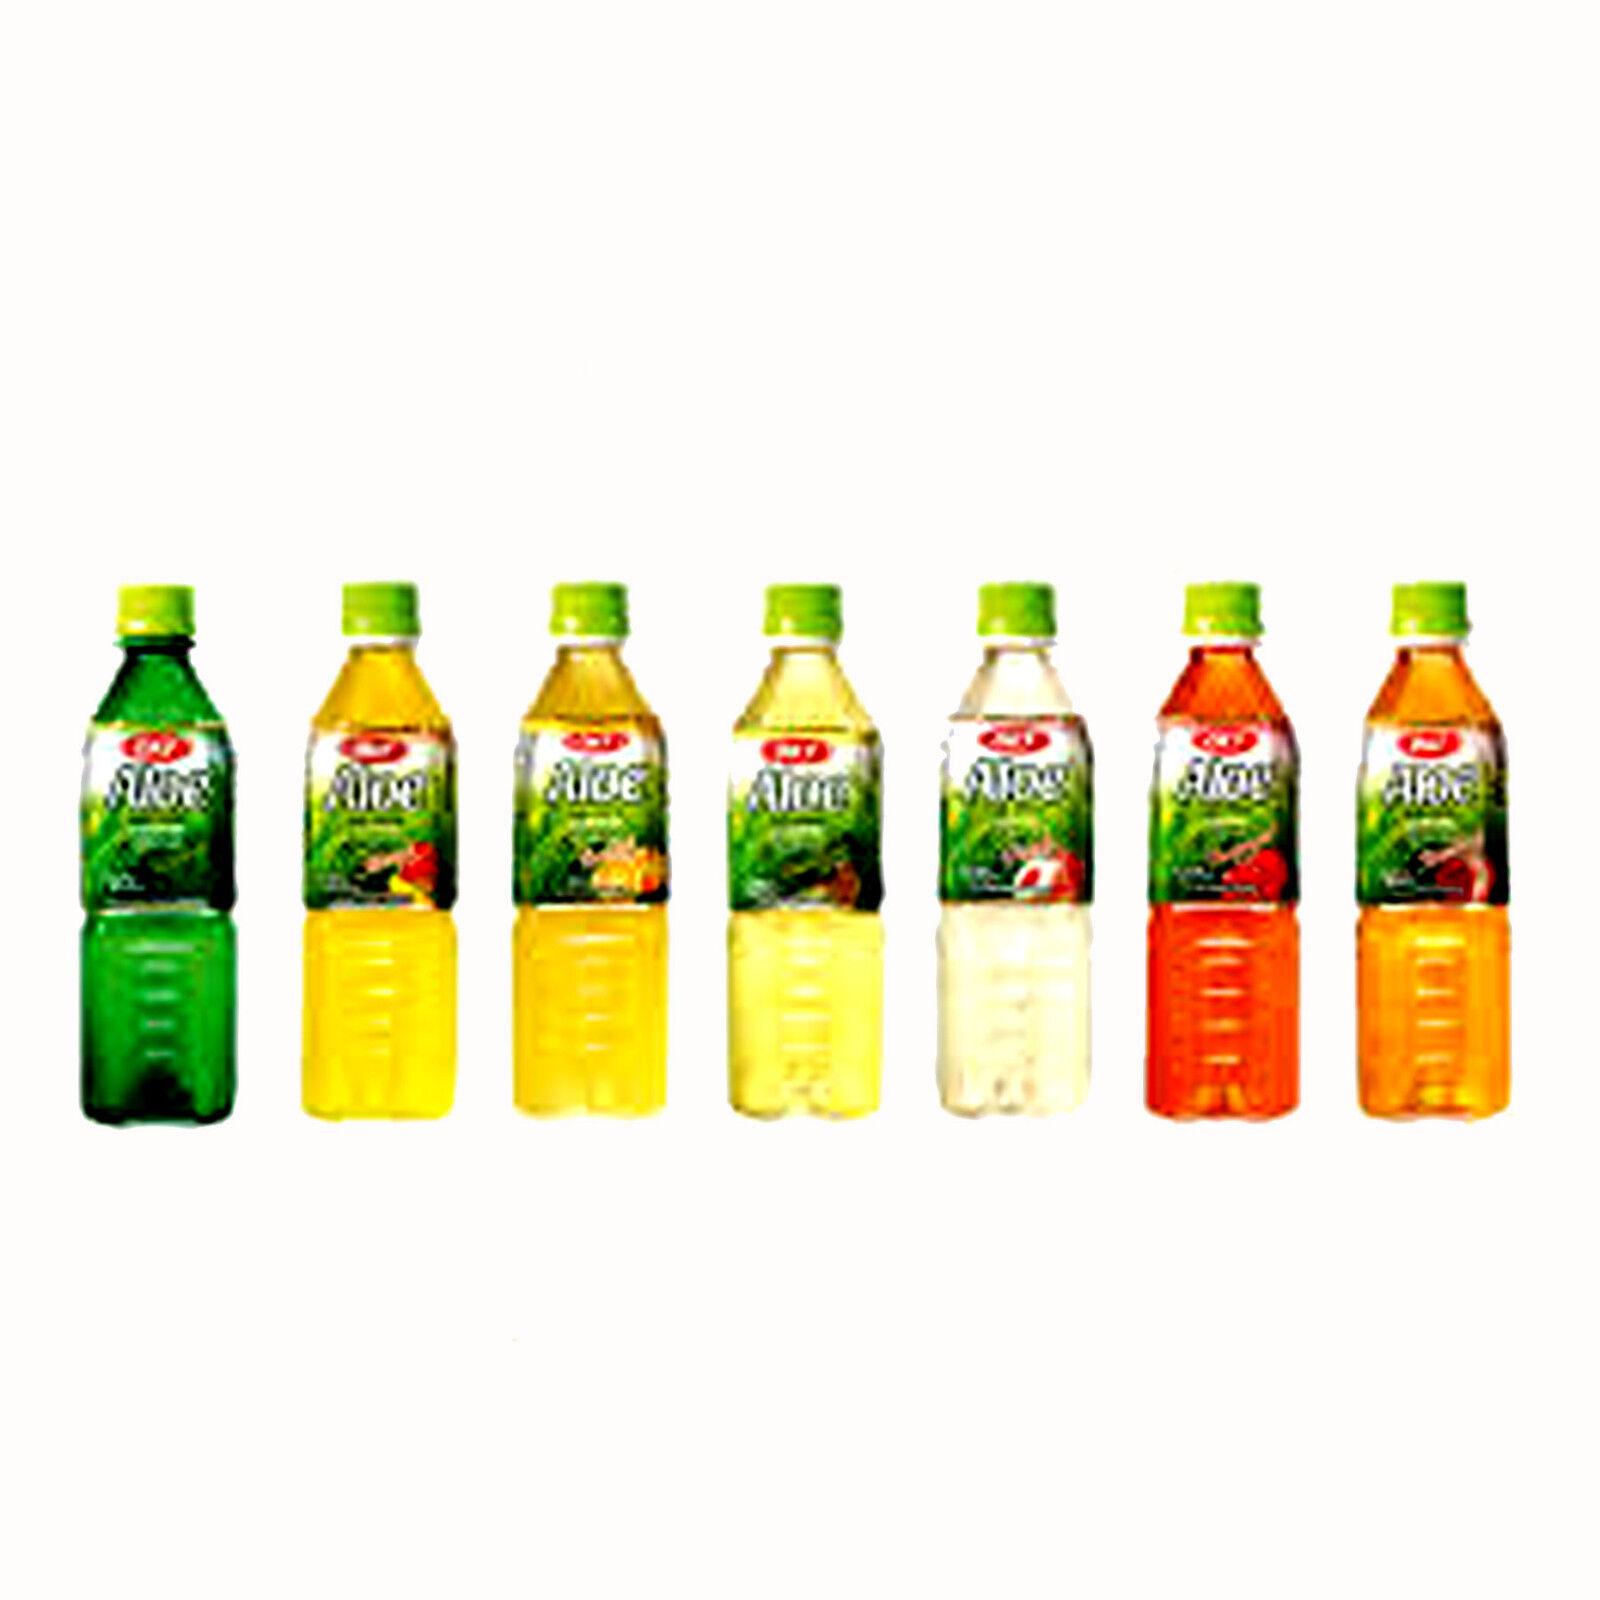 OKF Aloe Vera King Original 12 x 500ml Aloe Vera Getränk 6 Geschmacksrichtungen